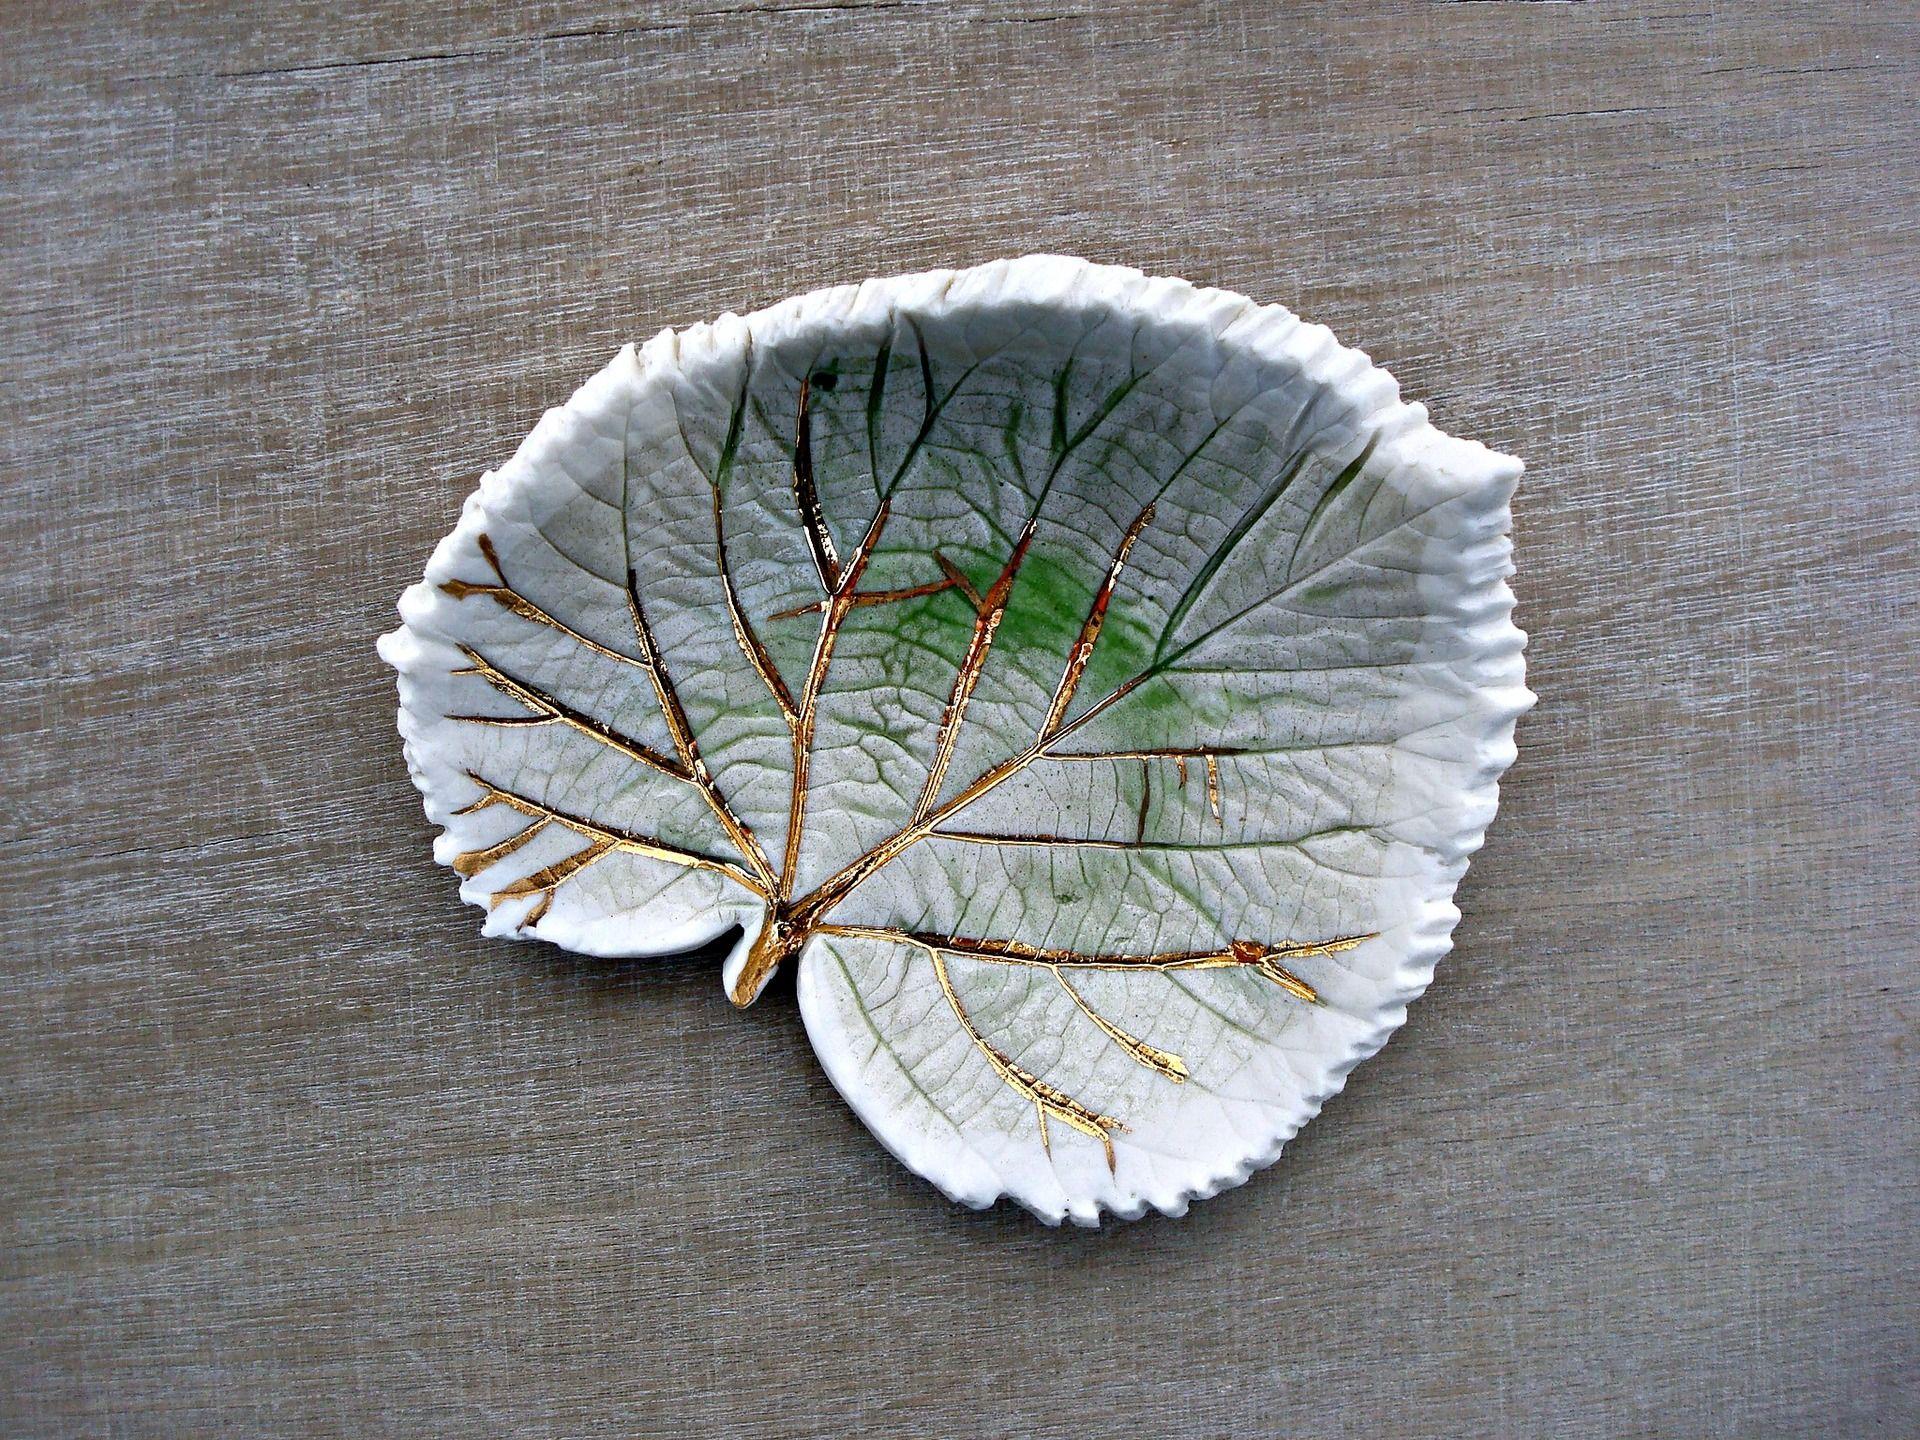 Feuille en céramique, feuille verte en céramique, objet déco en céramique, feuille céramique or, porcelaine or, vert et or : Art céramique par oerine